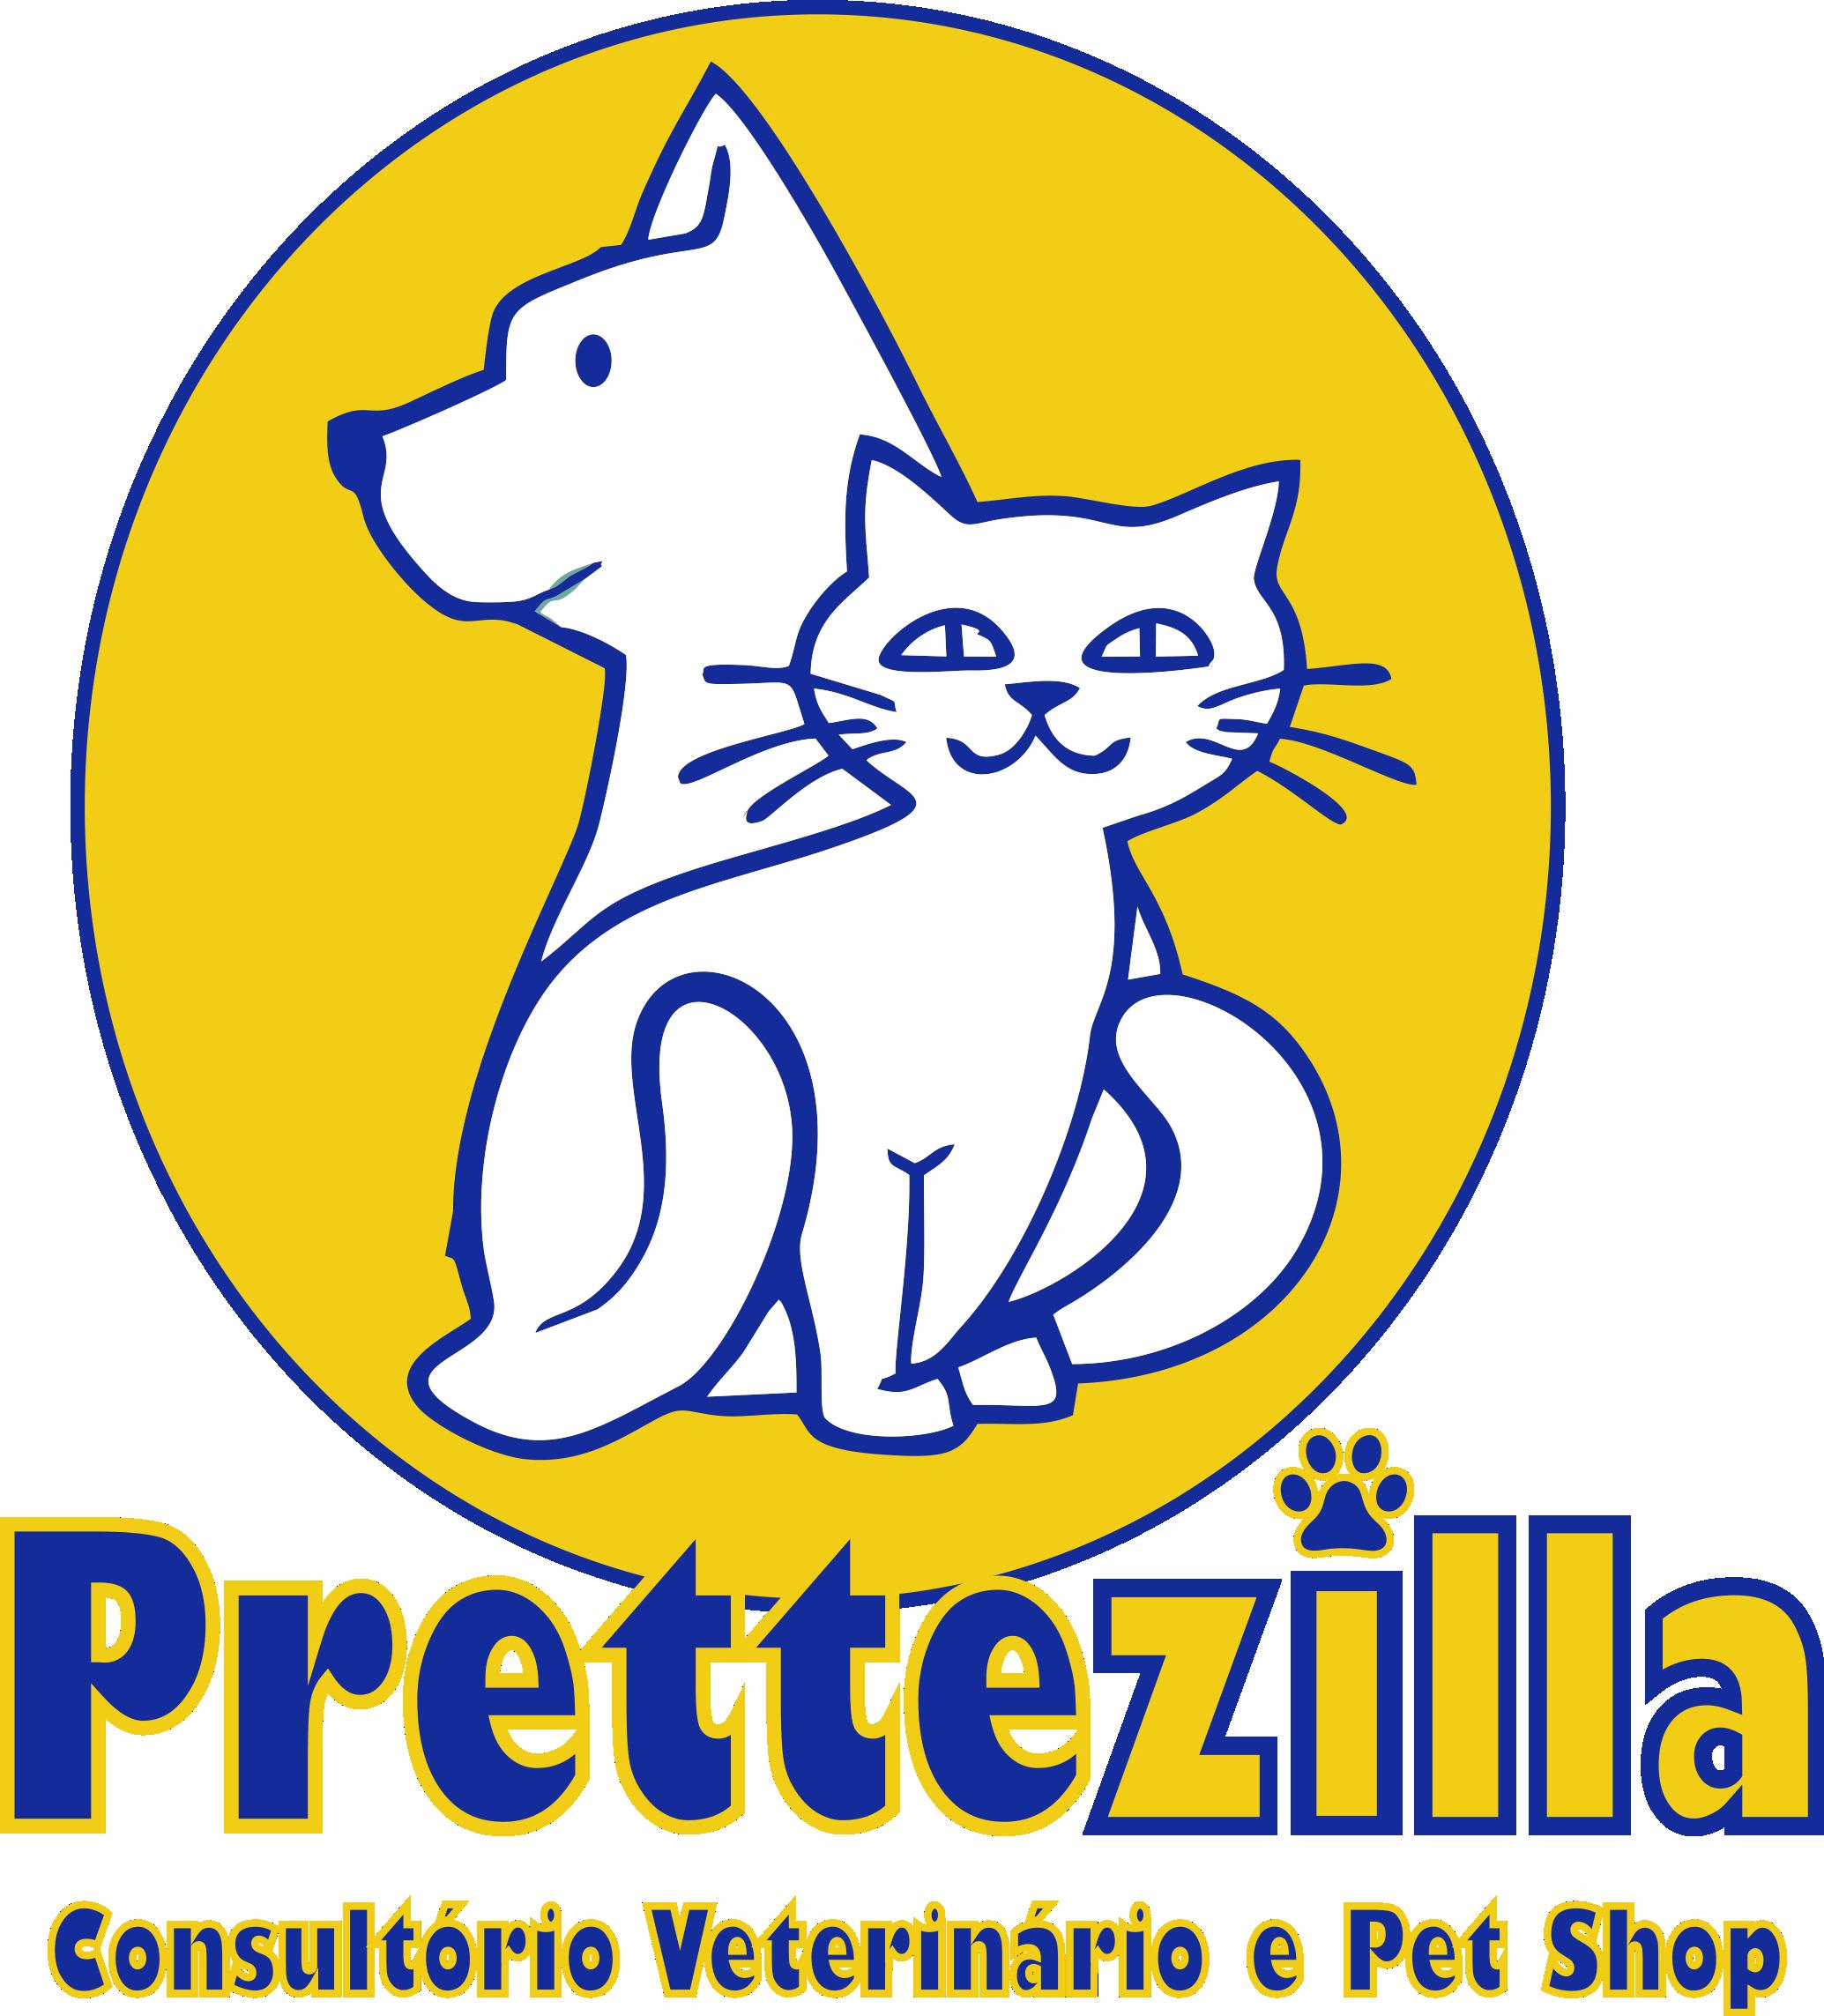 PRETTEZILLA CONSULTORIO VETERINARIO E PET SHOP